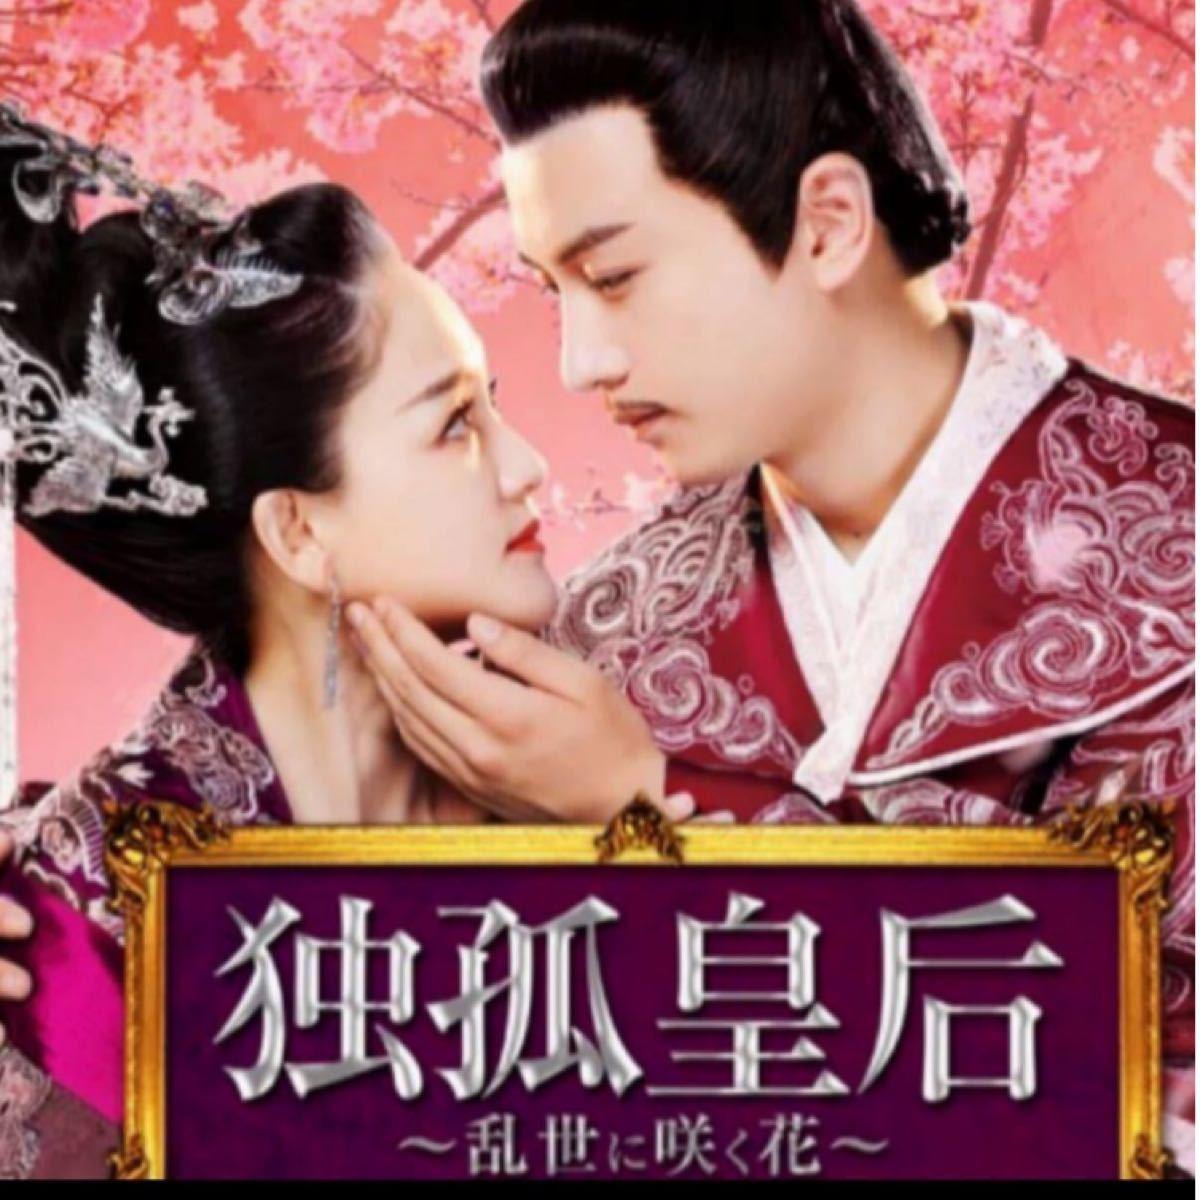 独孤皇后 全話Blu-ray